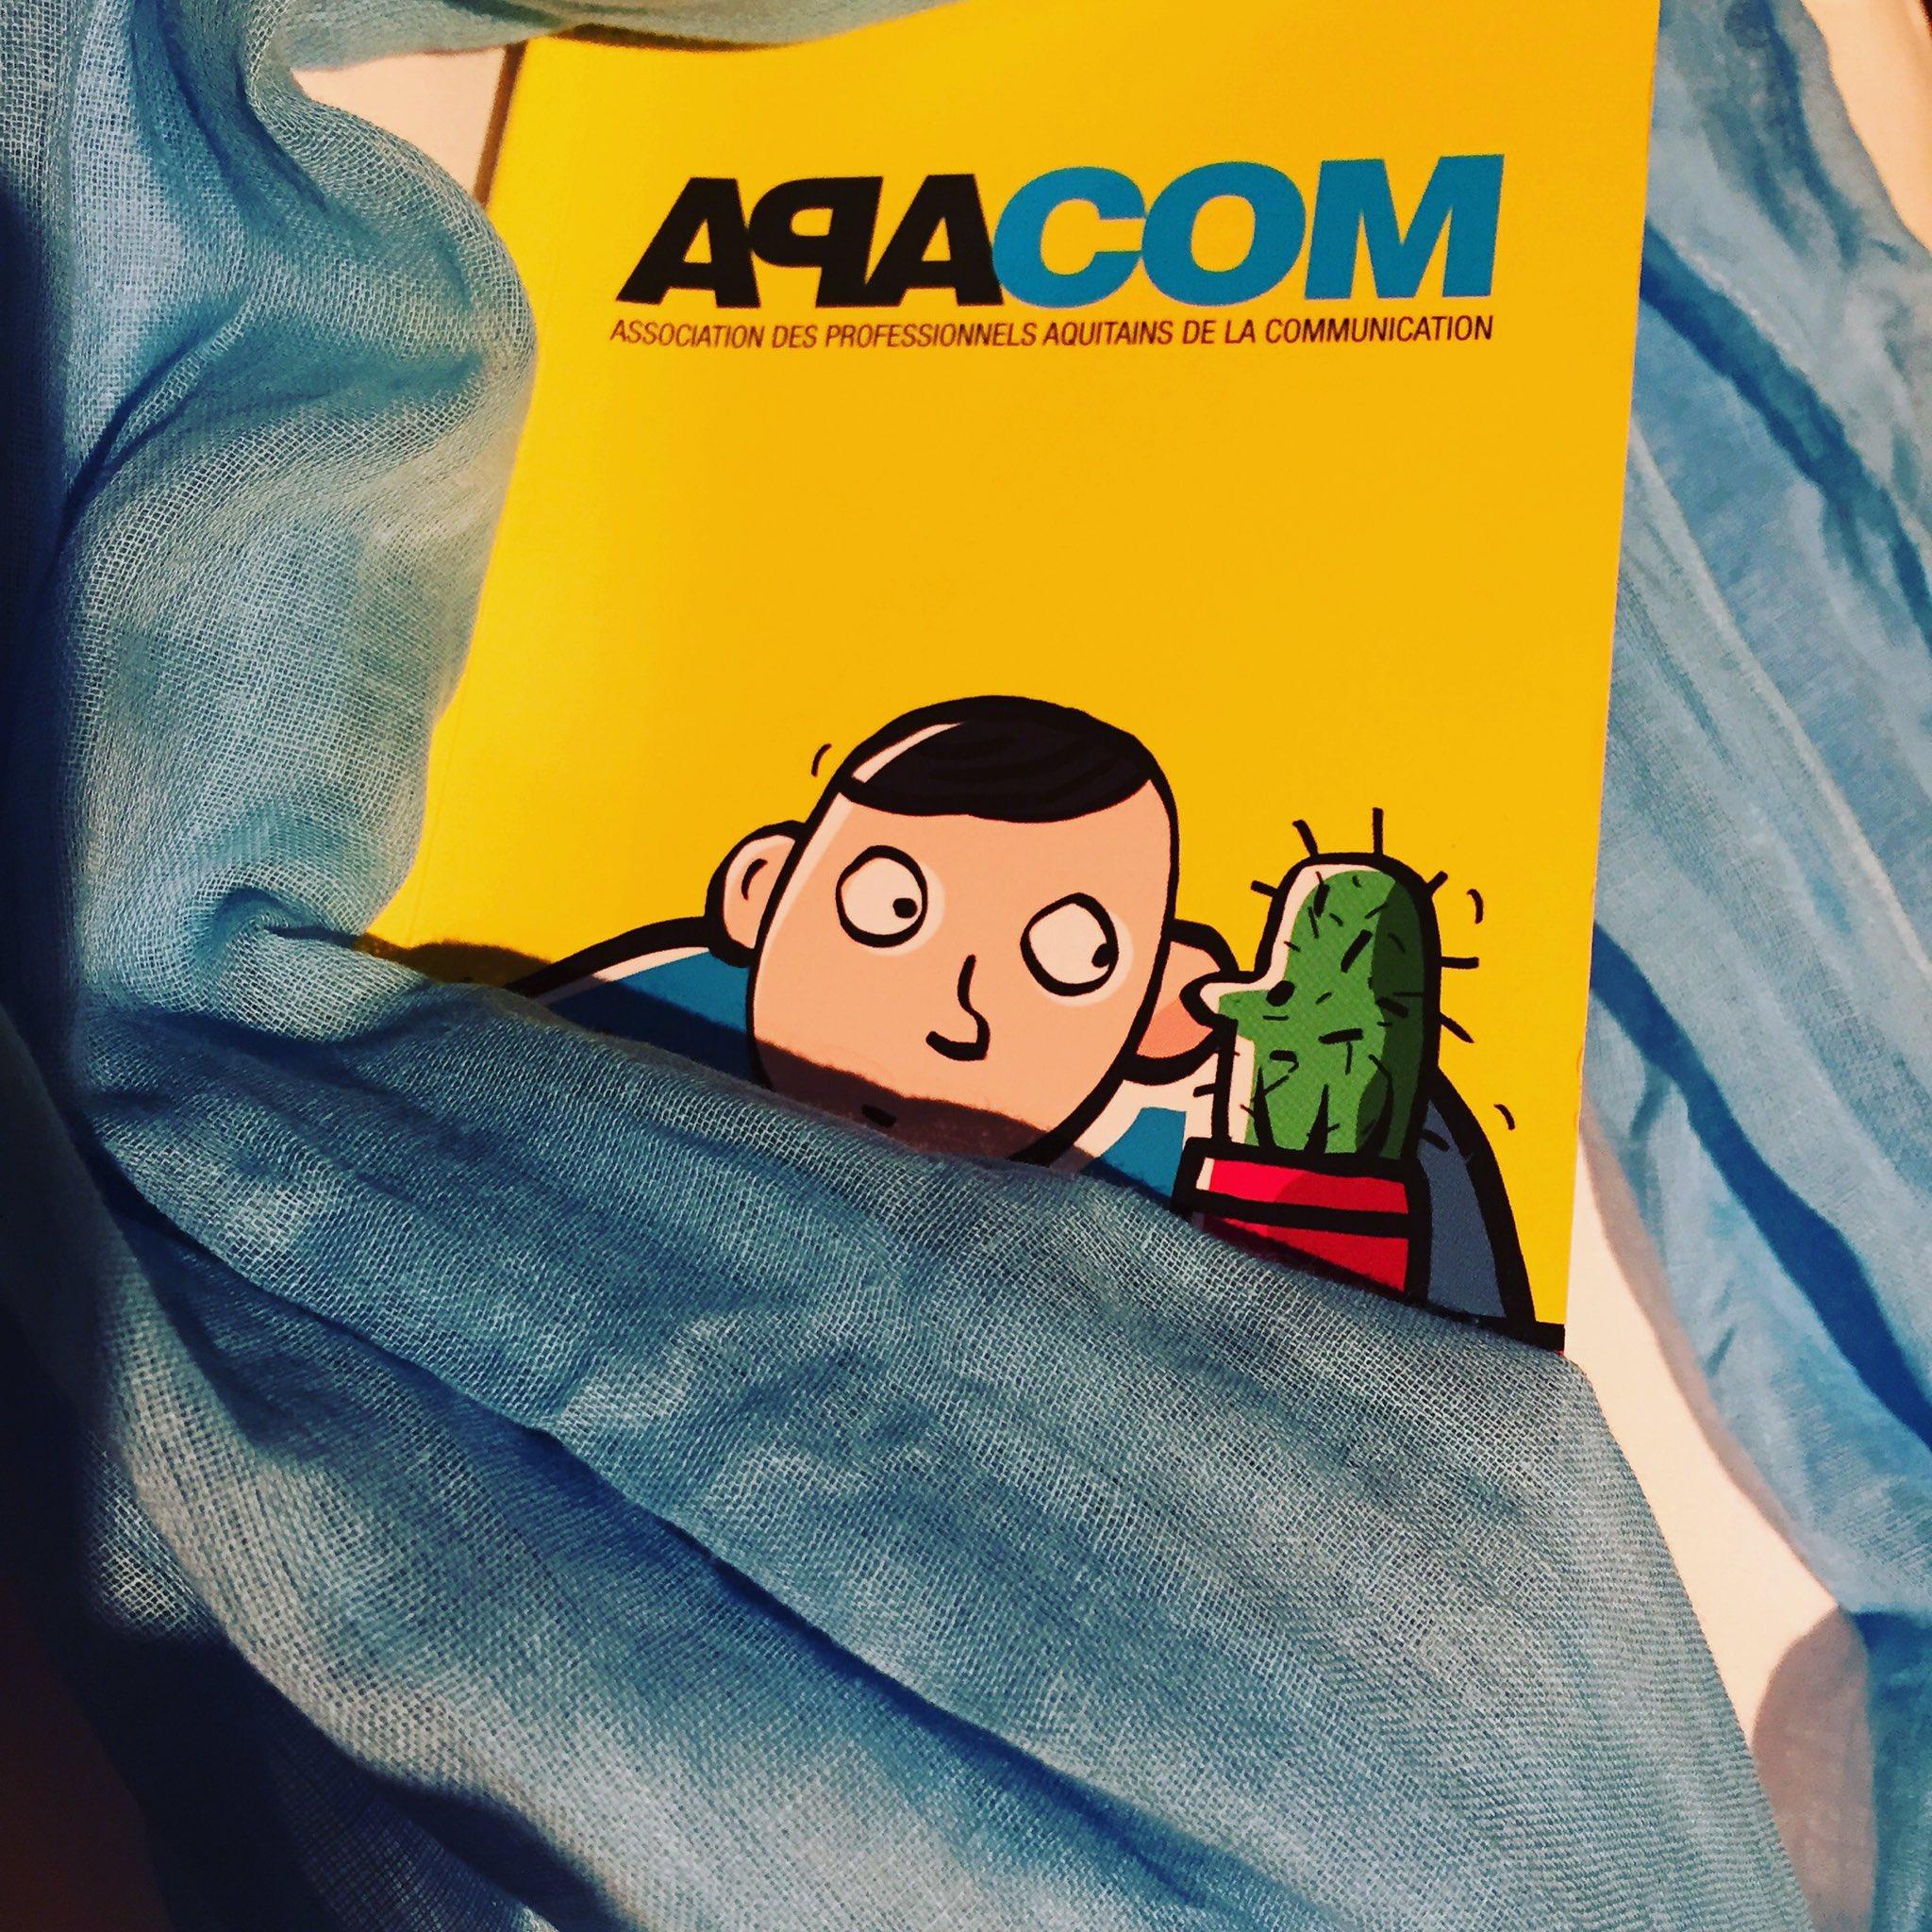 #NuitdelaCom J-1 : finetuning #couleur de la touche de #bleu #Apacom20ans cc @APACOMaquitaine https://t.co/4oEzMeVXzo